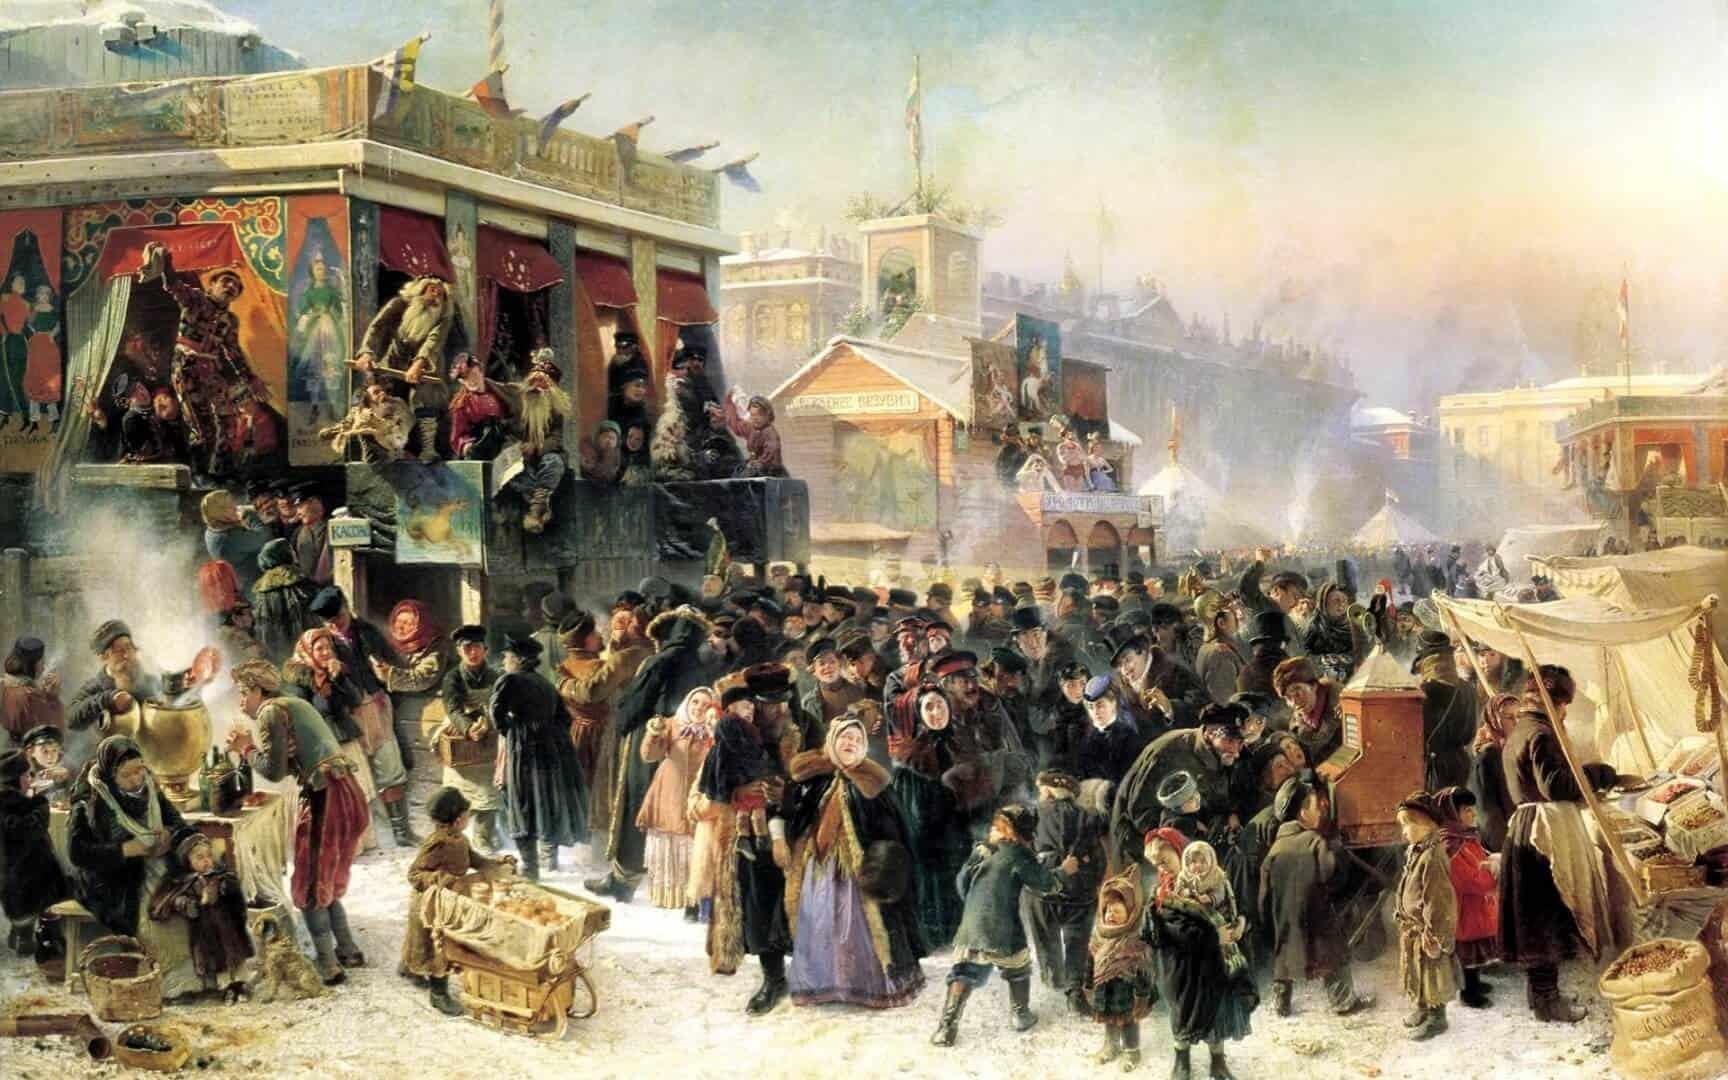 К. Е. Маковский. Народные гуляния во время Масленицы на Адмиралтейской площади в Петербурге. 1869 г.